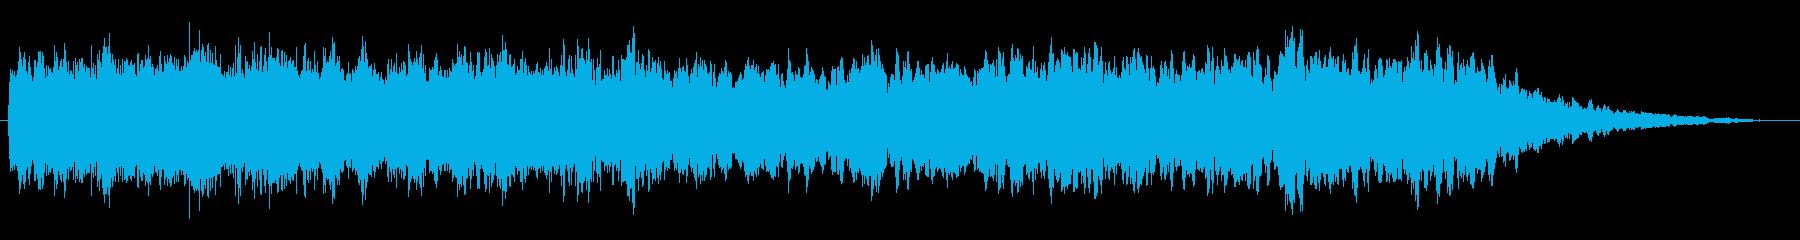 トランジション パッドスイープベント03の再生済みの波形